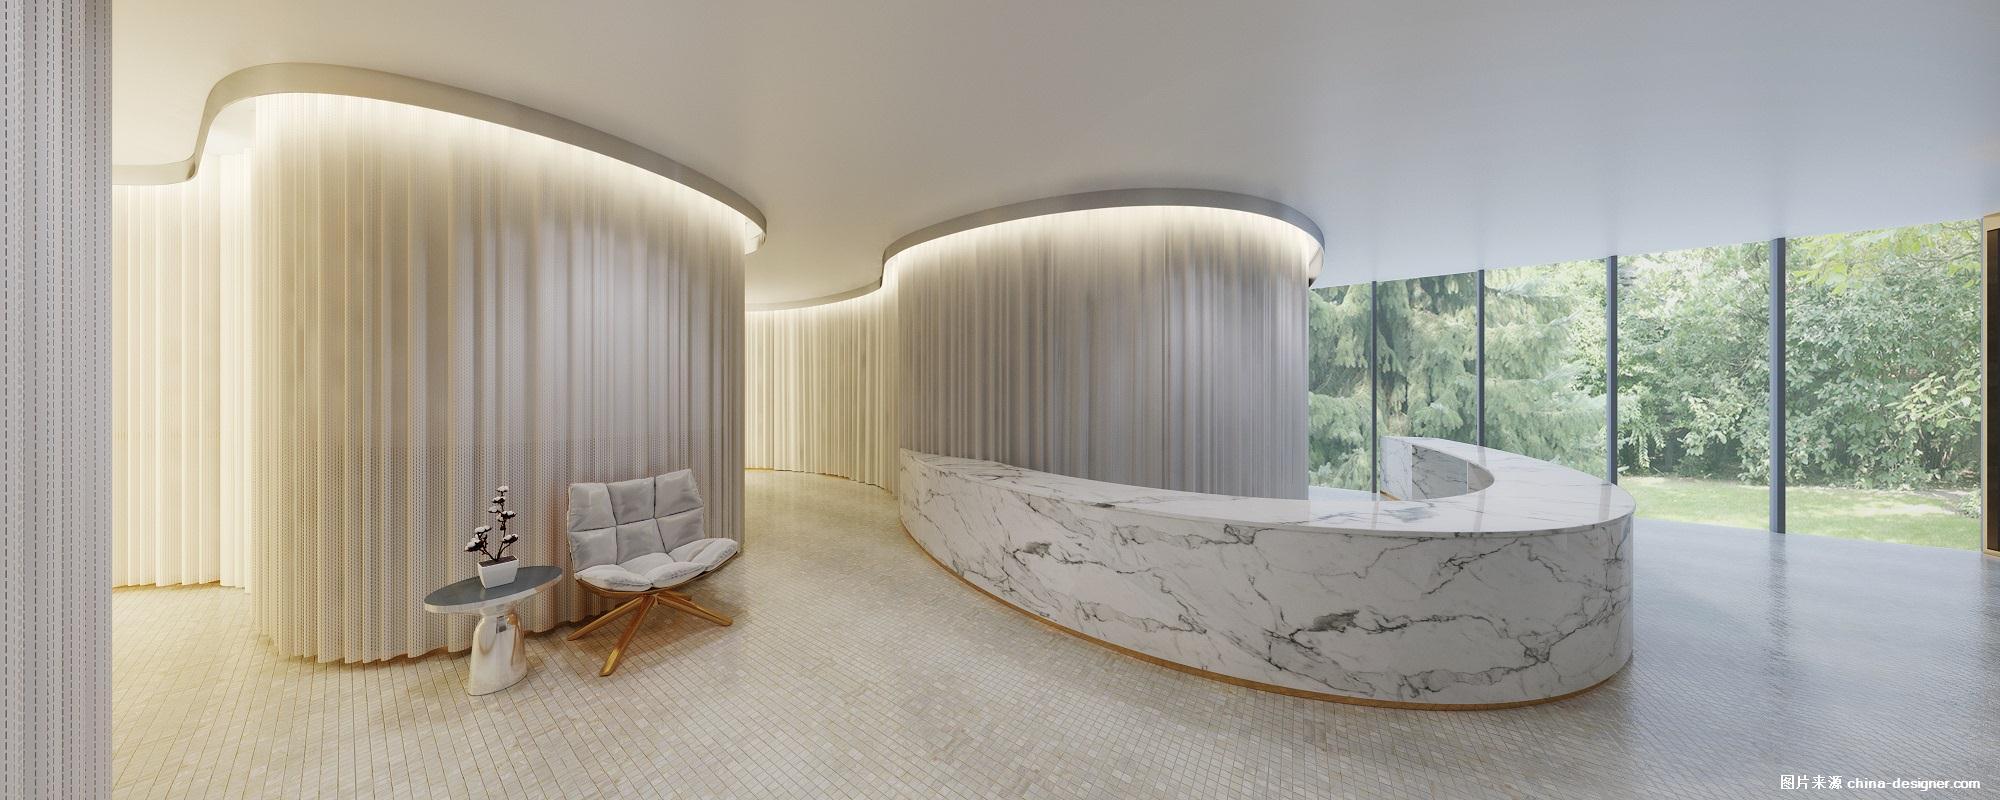 装修资讯v资讯图片-中国建筑与室内设计师设计公司展示厅图片